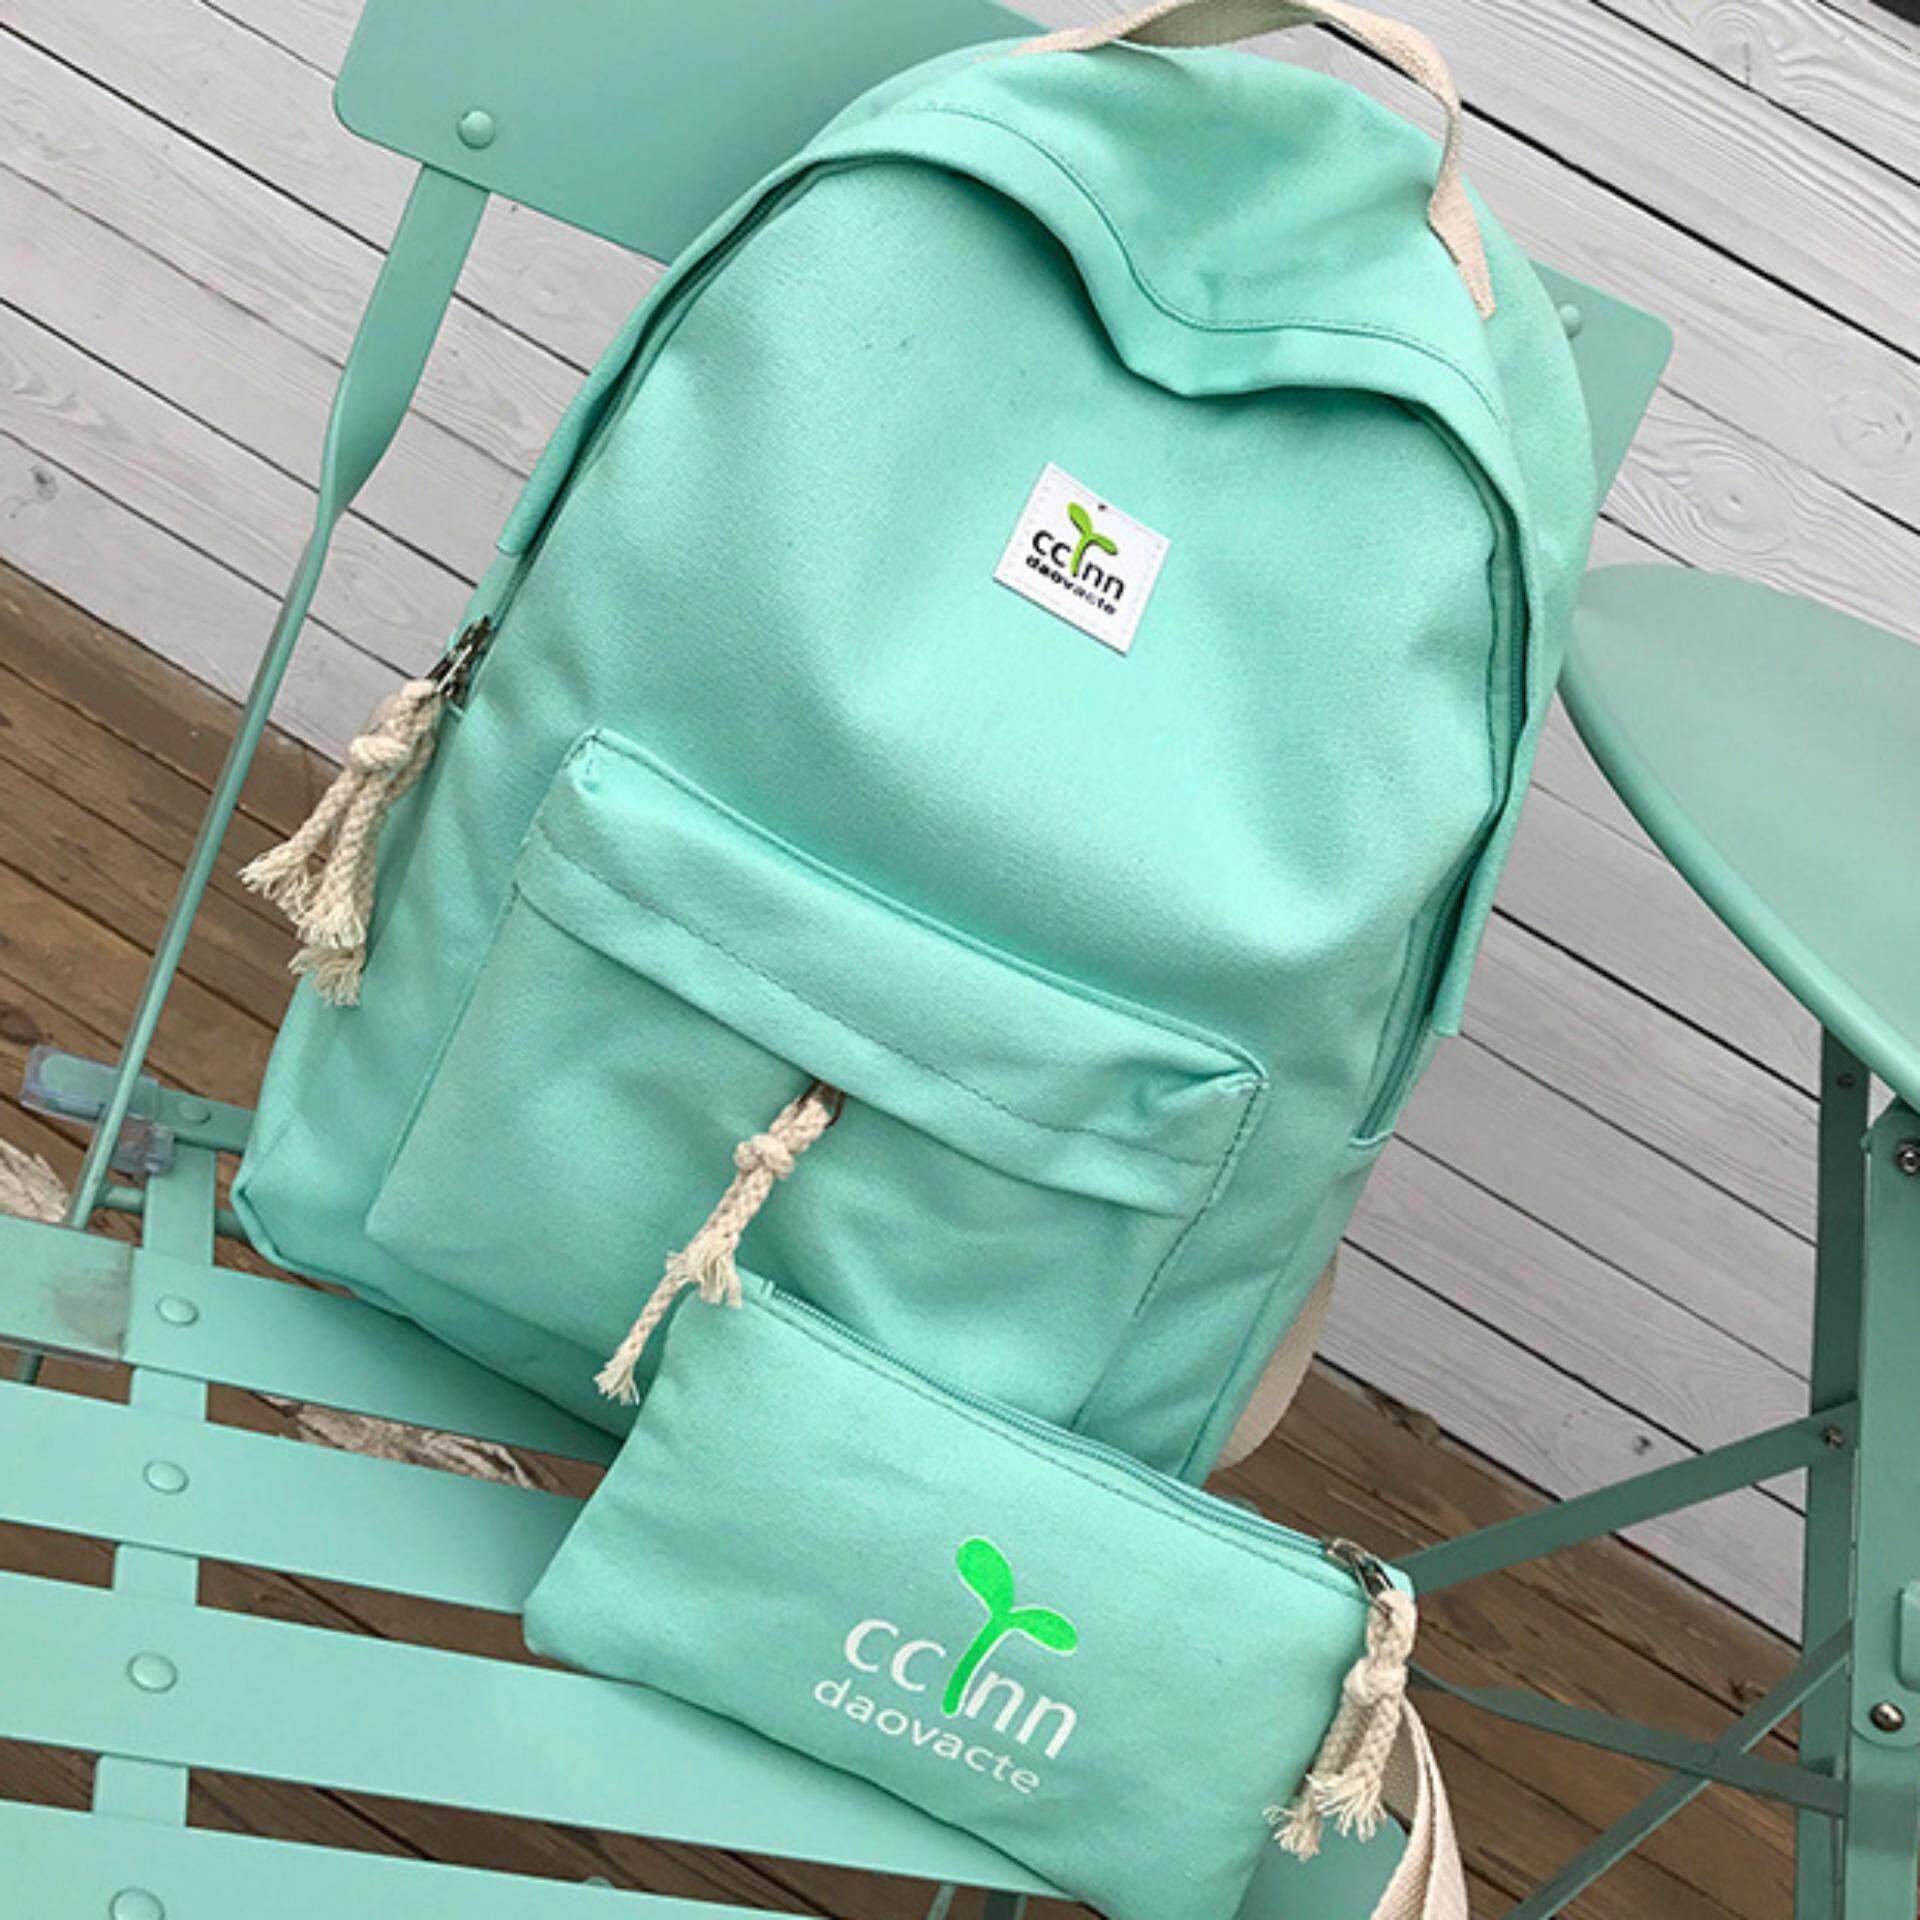 ราคา Lavelle 9256 การออกแบบเกาหลี คุณภาพระดับพรีเมียม แฟชั่น กระเป๋าเป้สะพายหลัง สีเขียว ใหม่